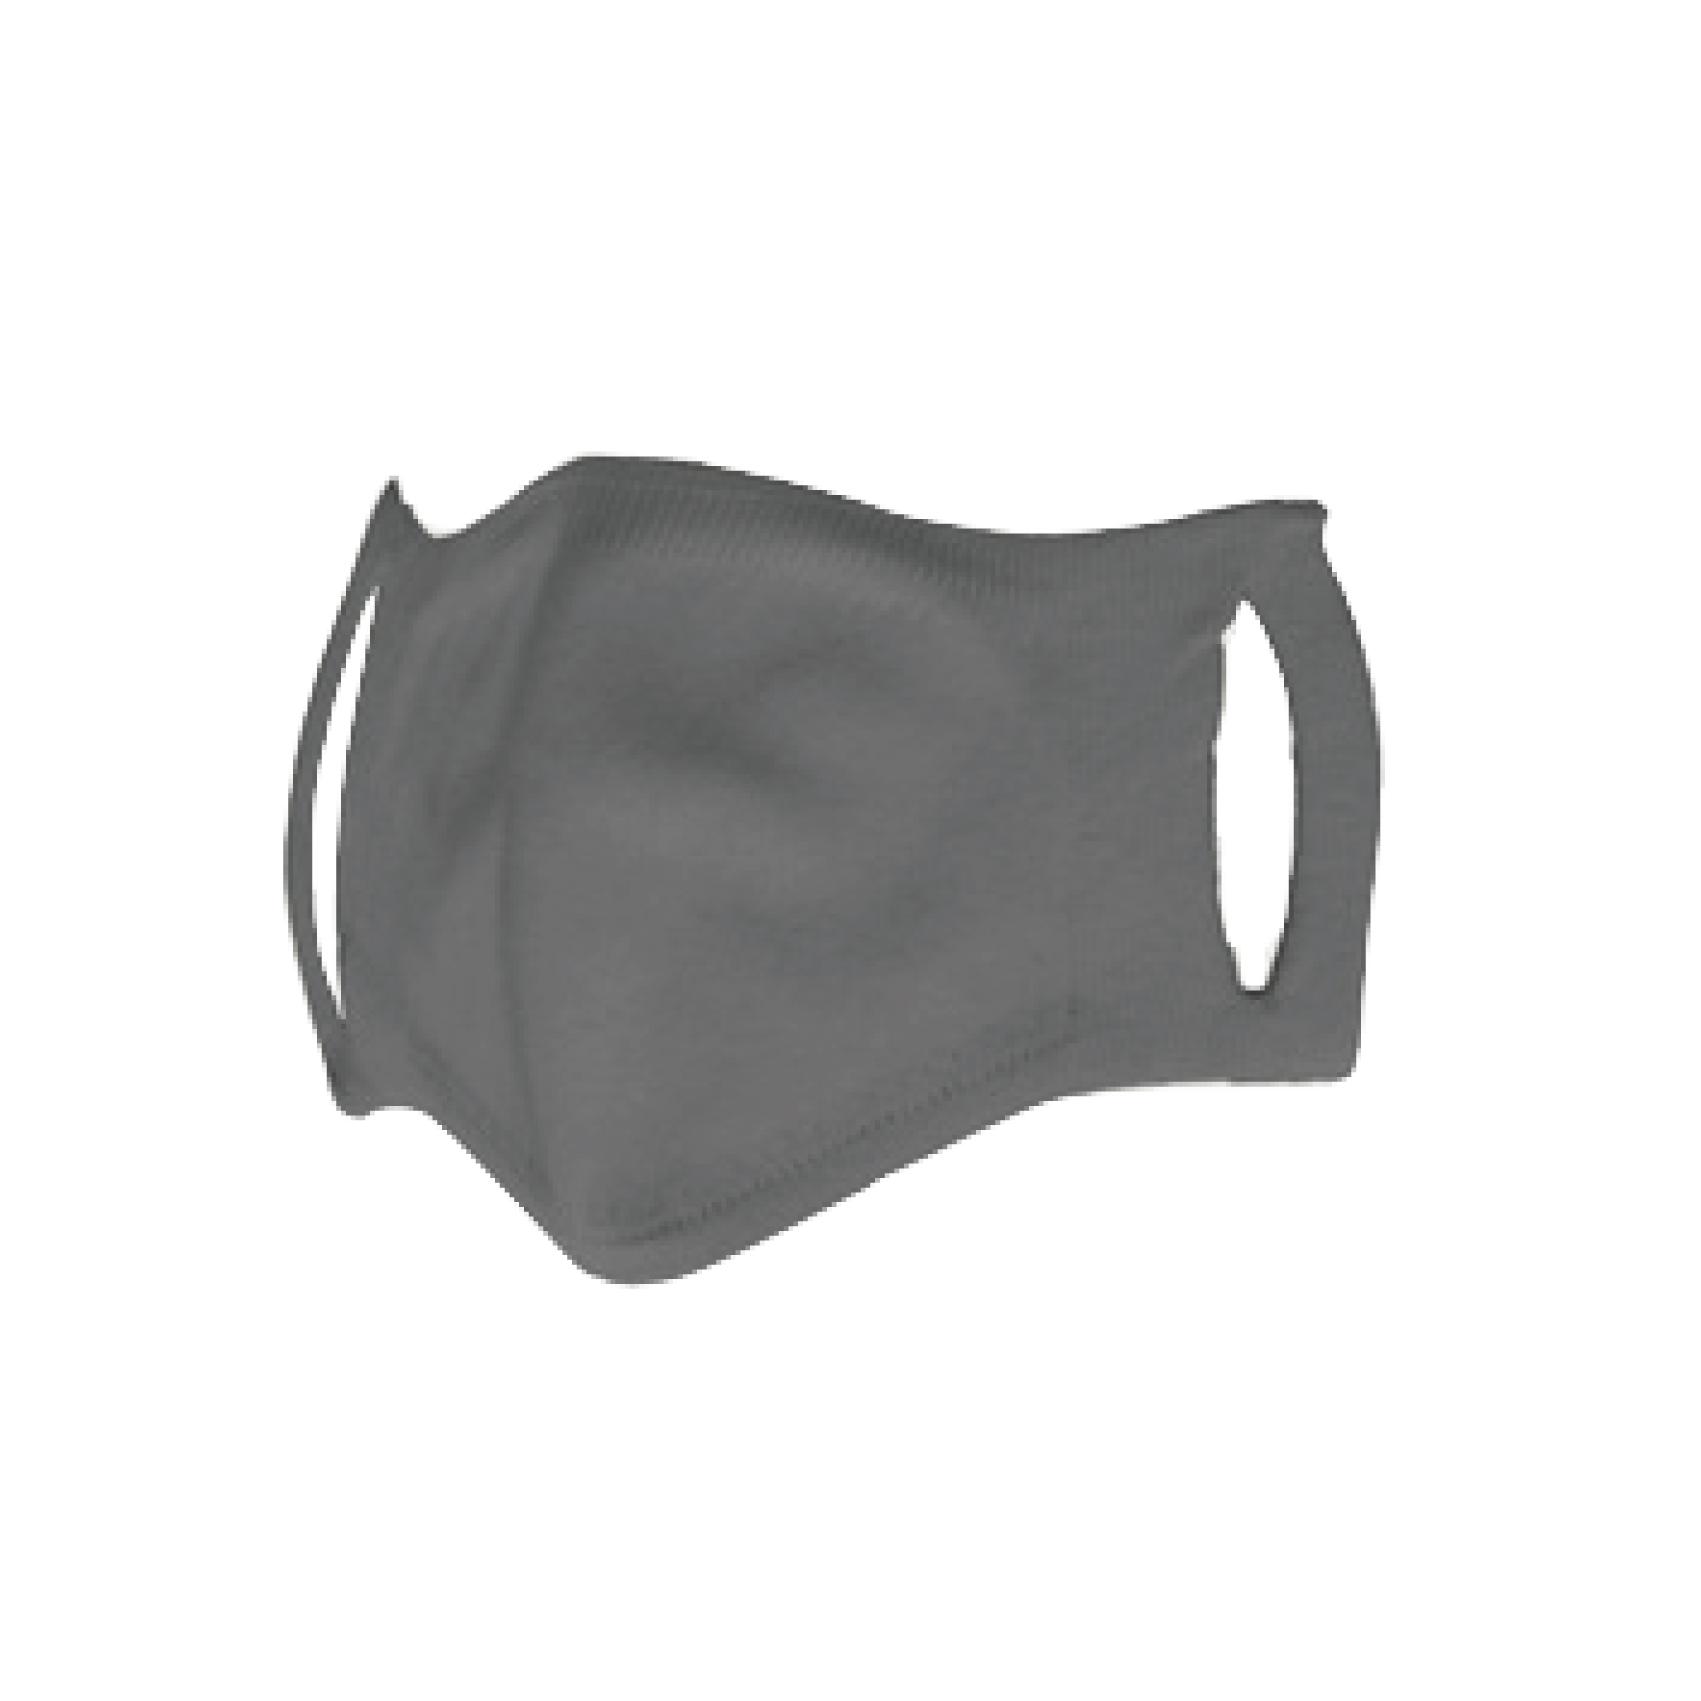 洗える抗菌シルクマスク GRAY(グレー) <NARA>